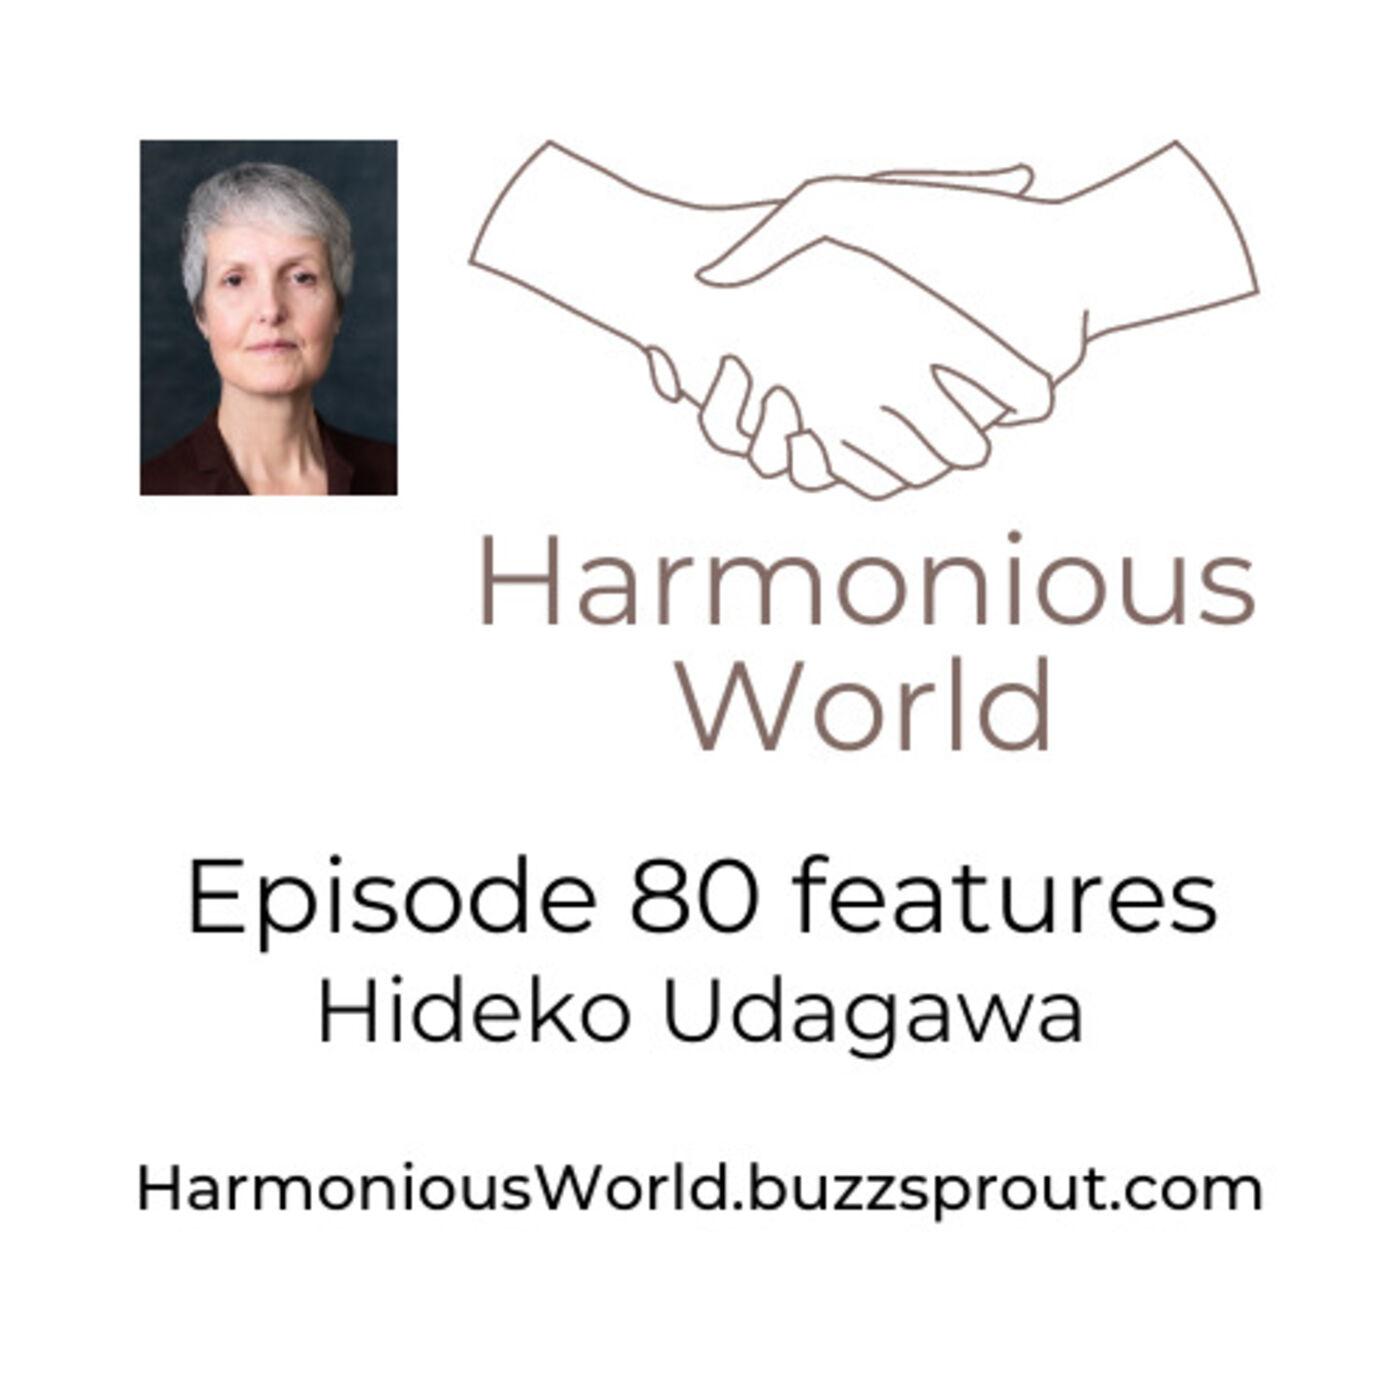 Hideko Udagawa